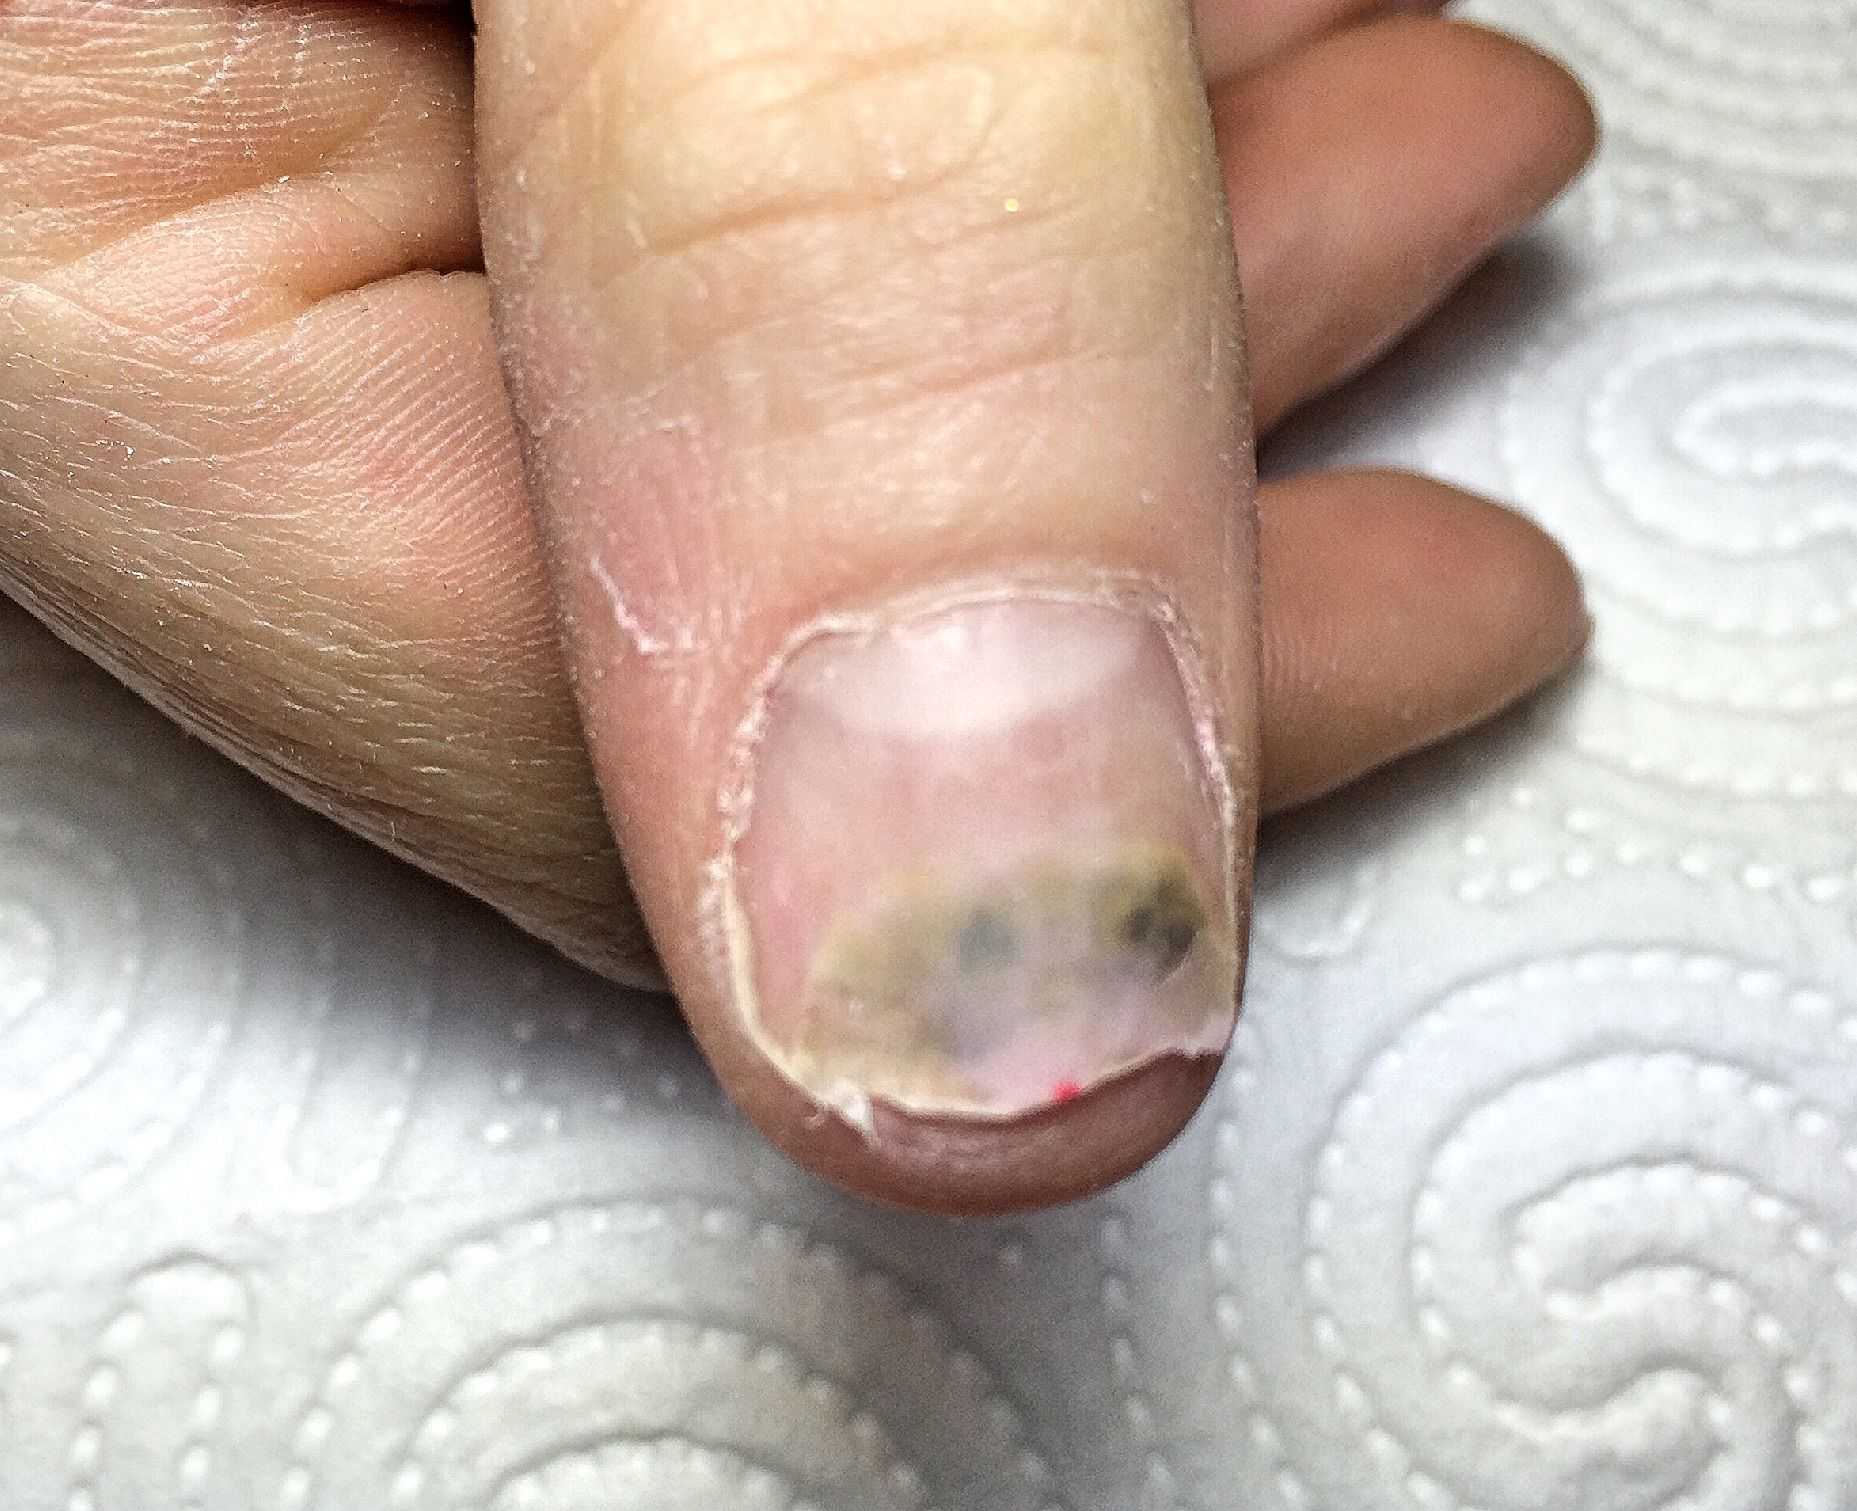 La migliore medicina da un fungo su unghie